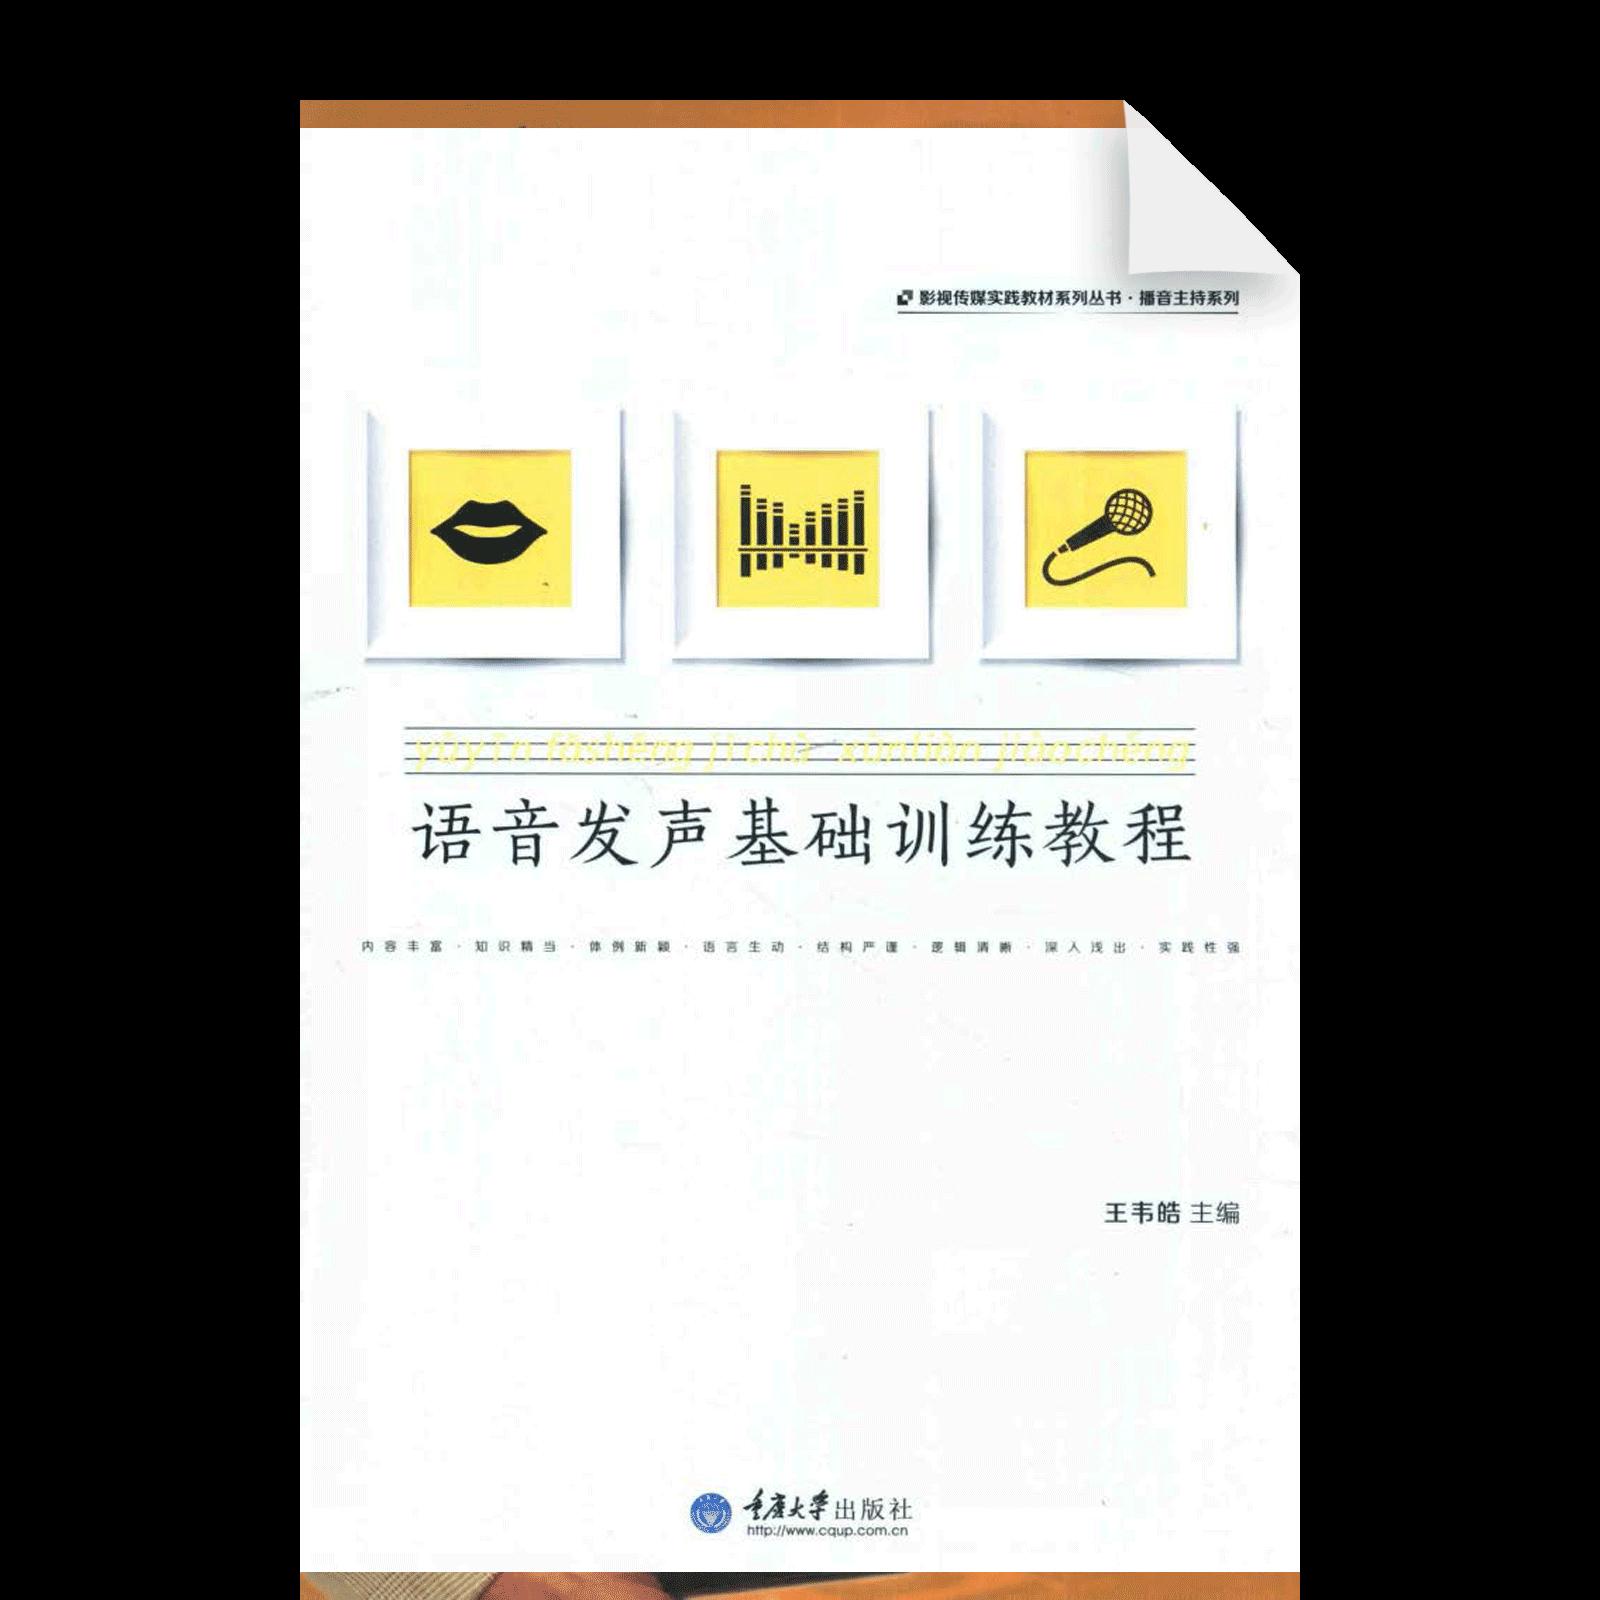 Yuyin Fasheng Jichu Xunlian Jiaocheng